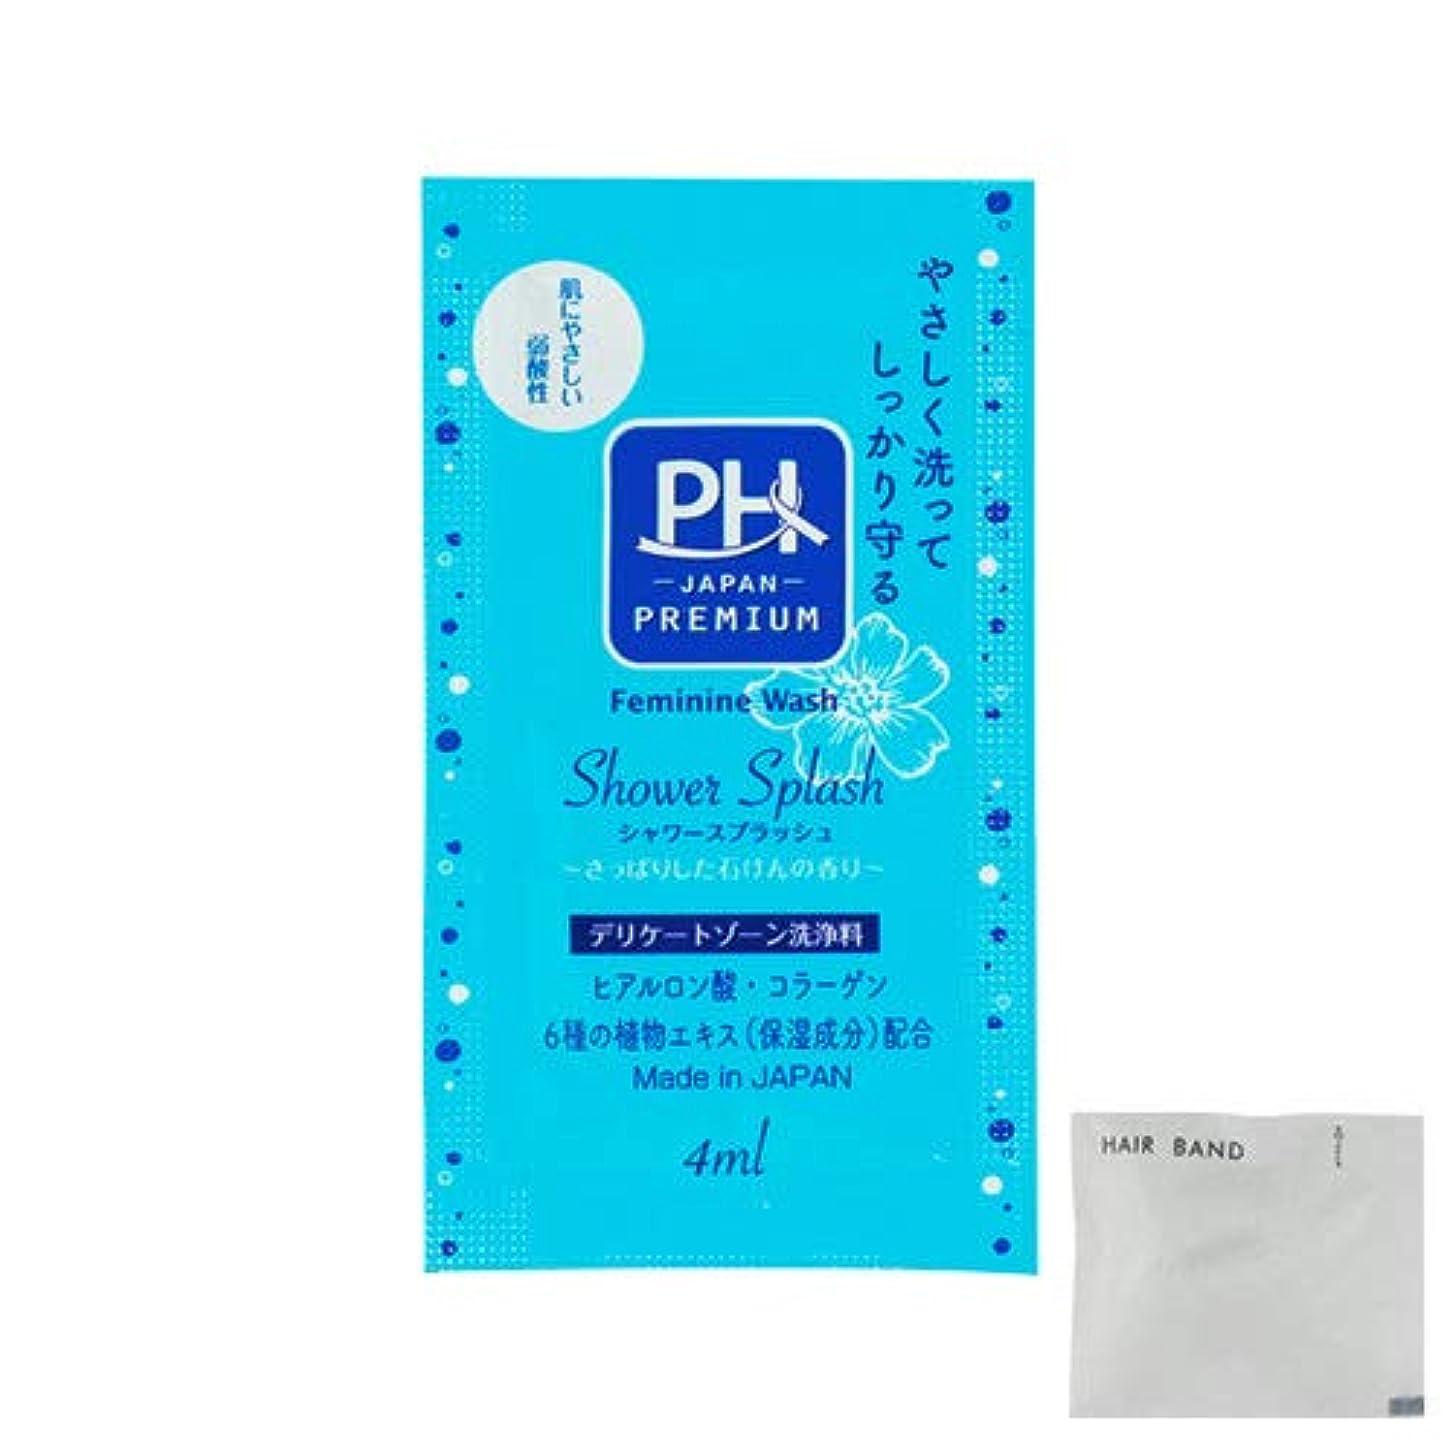 ドア香水無謀PH JAPAN プレミアム フェミニンウォッシュ シャワースプラッシュ 4mL(お試し用)×10個 + ヘアゴム(カラーはおまかせ)セット